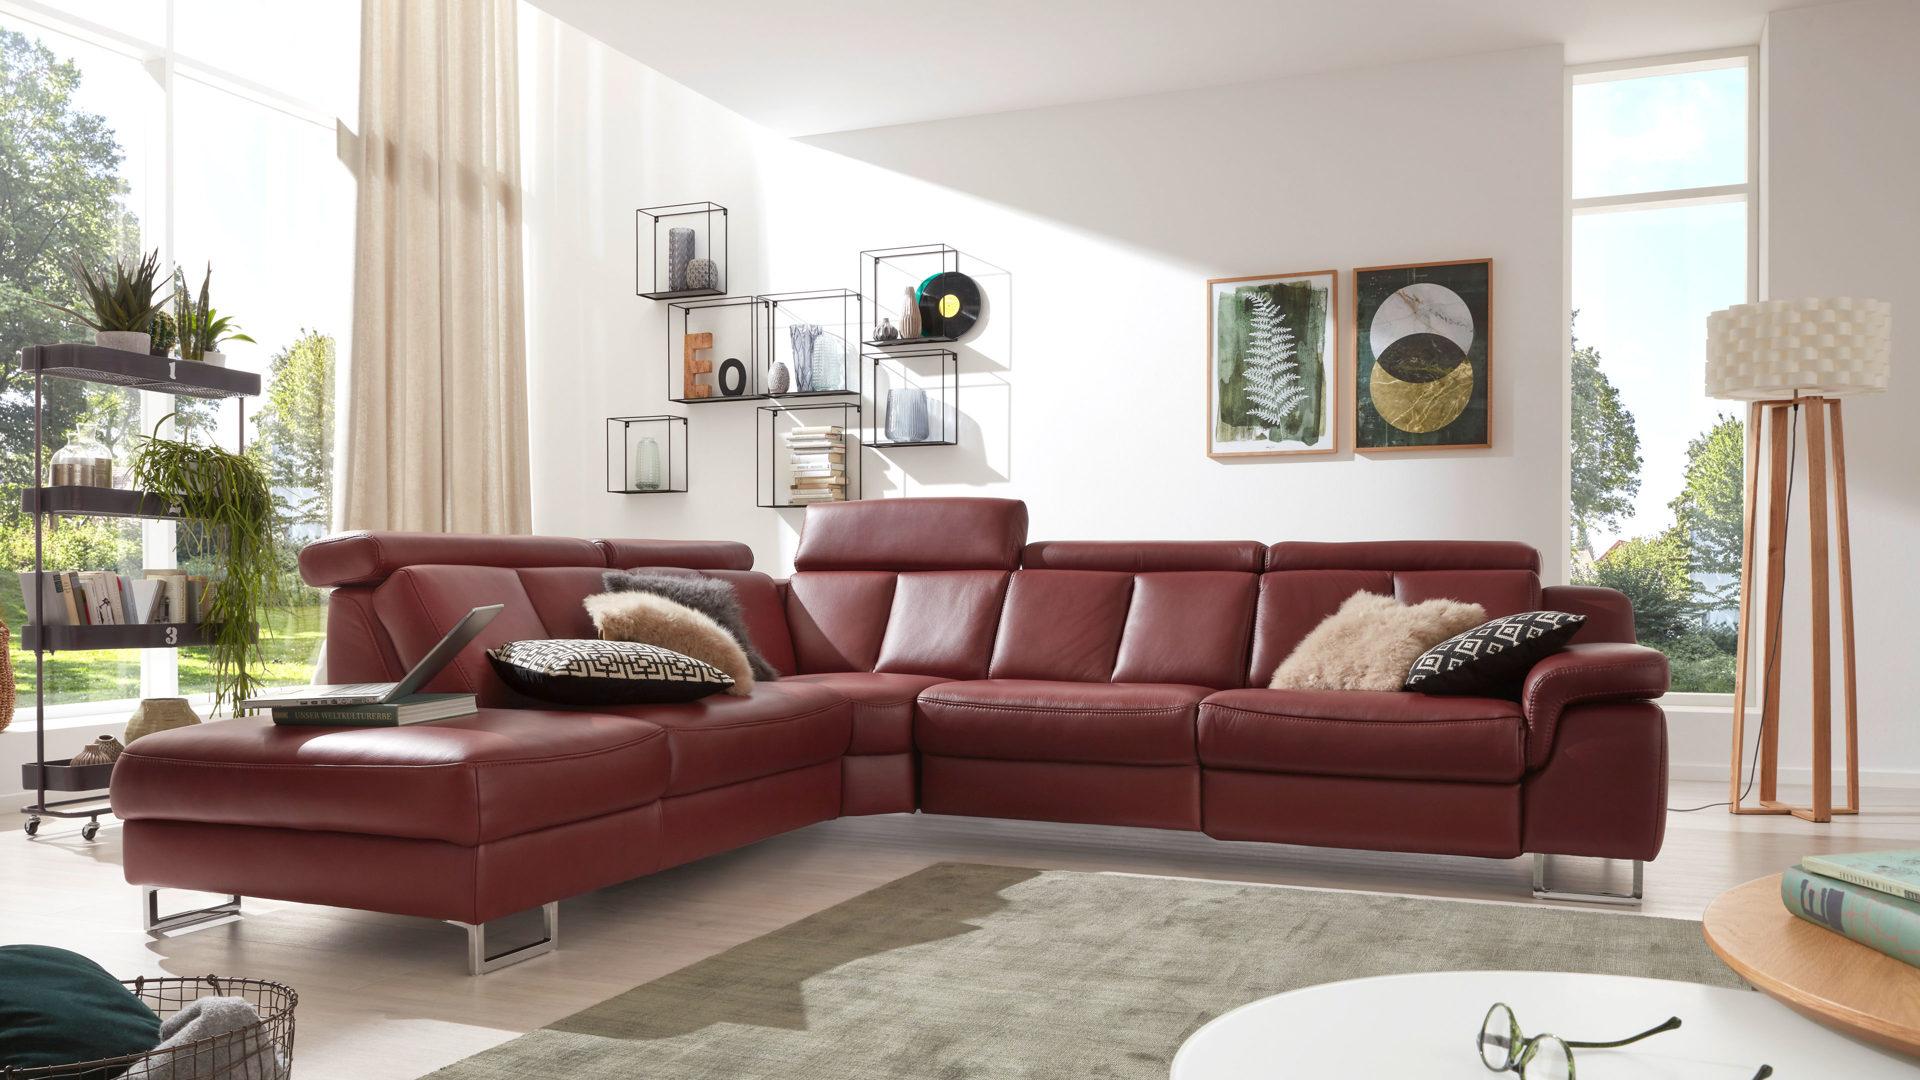 Möbel Bernskötter GmbH, Räume, Wohnzimmer, Sofas + Couches ...